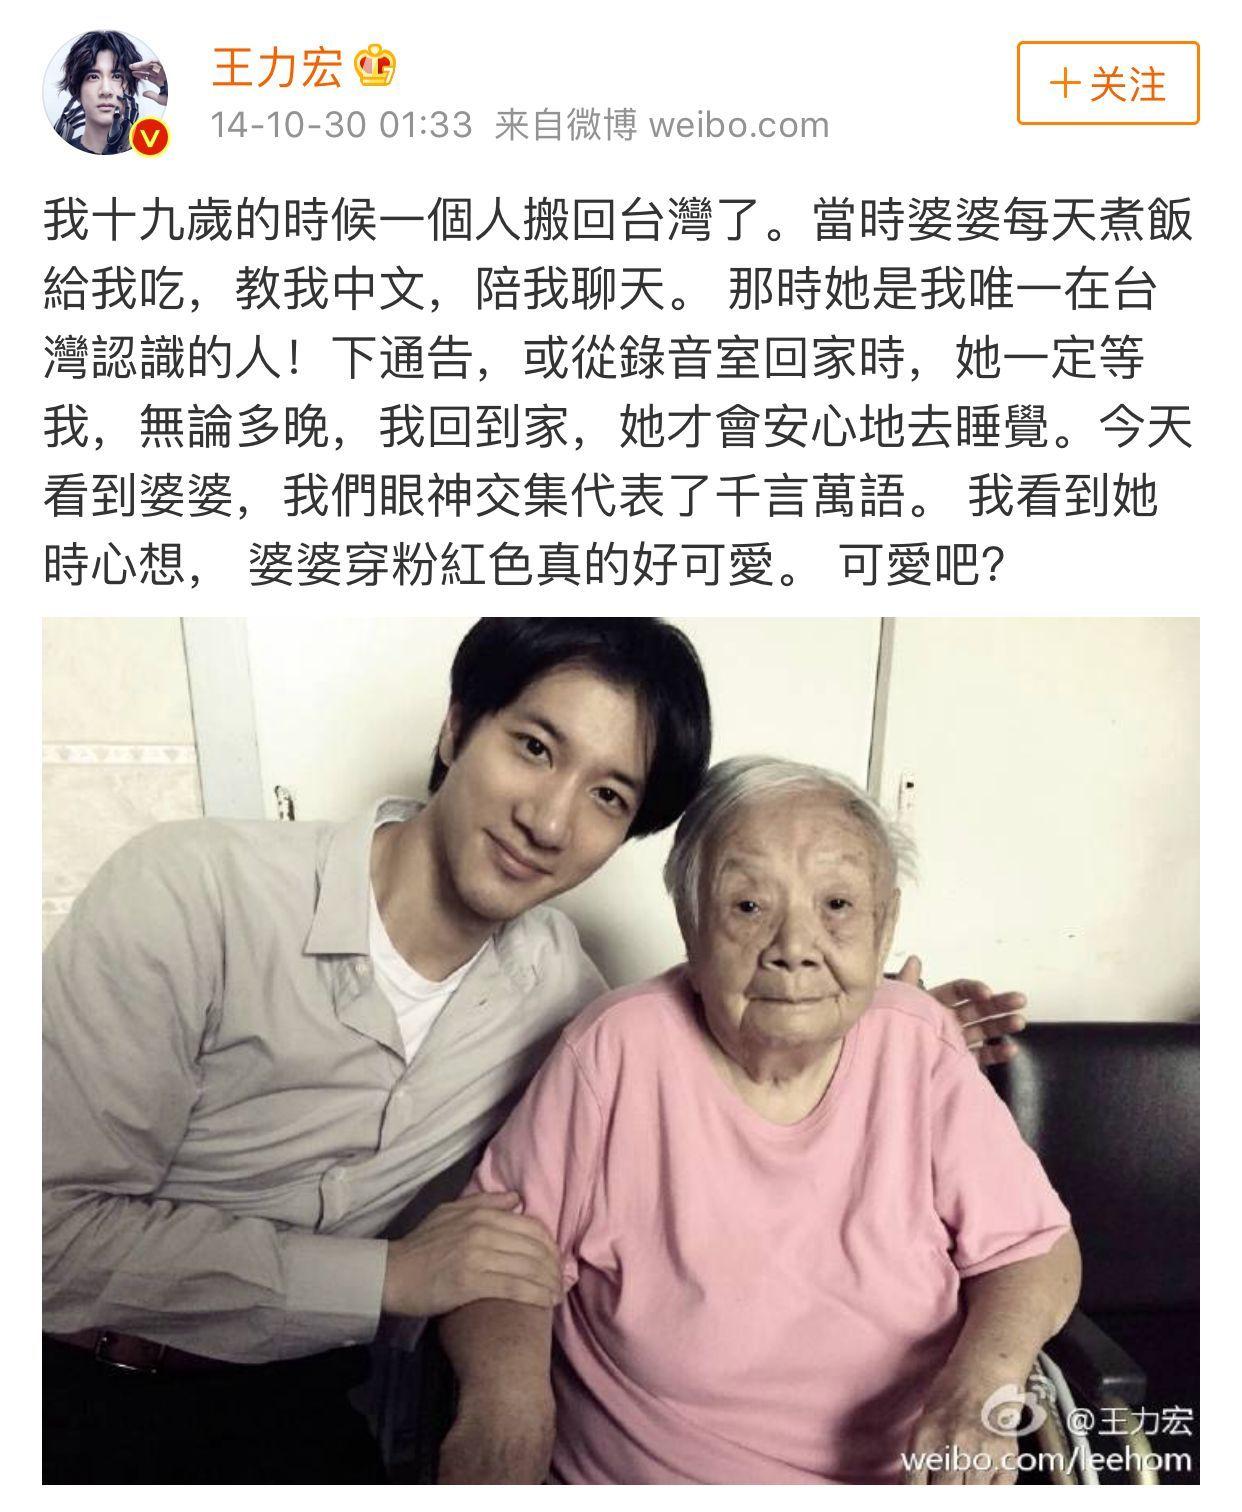 不只王力宏的奶奶是清华才女…这些人的爷爷奶奶也酷炸朋友圈!